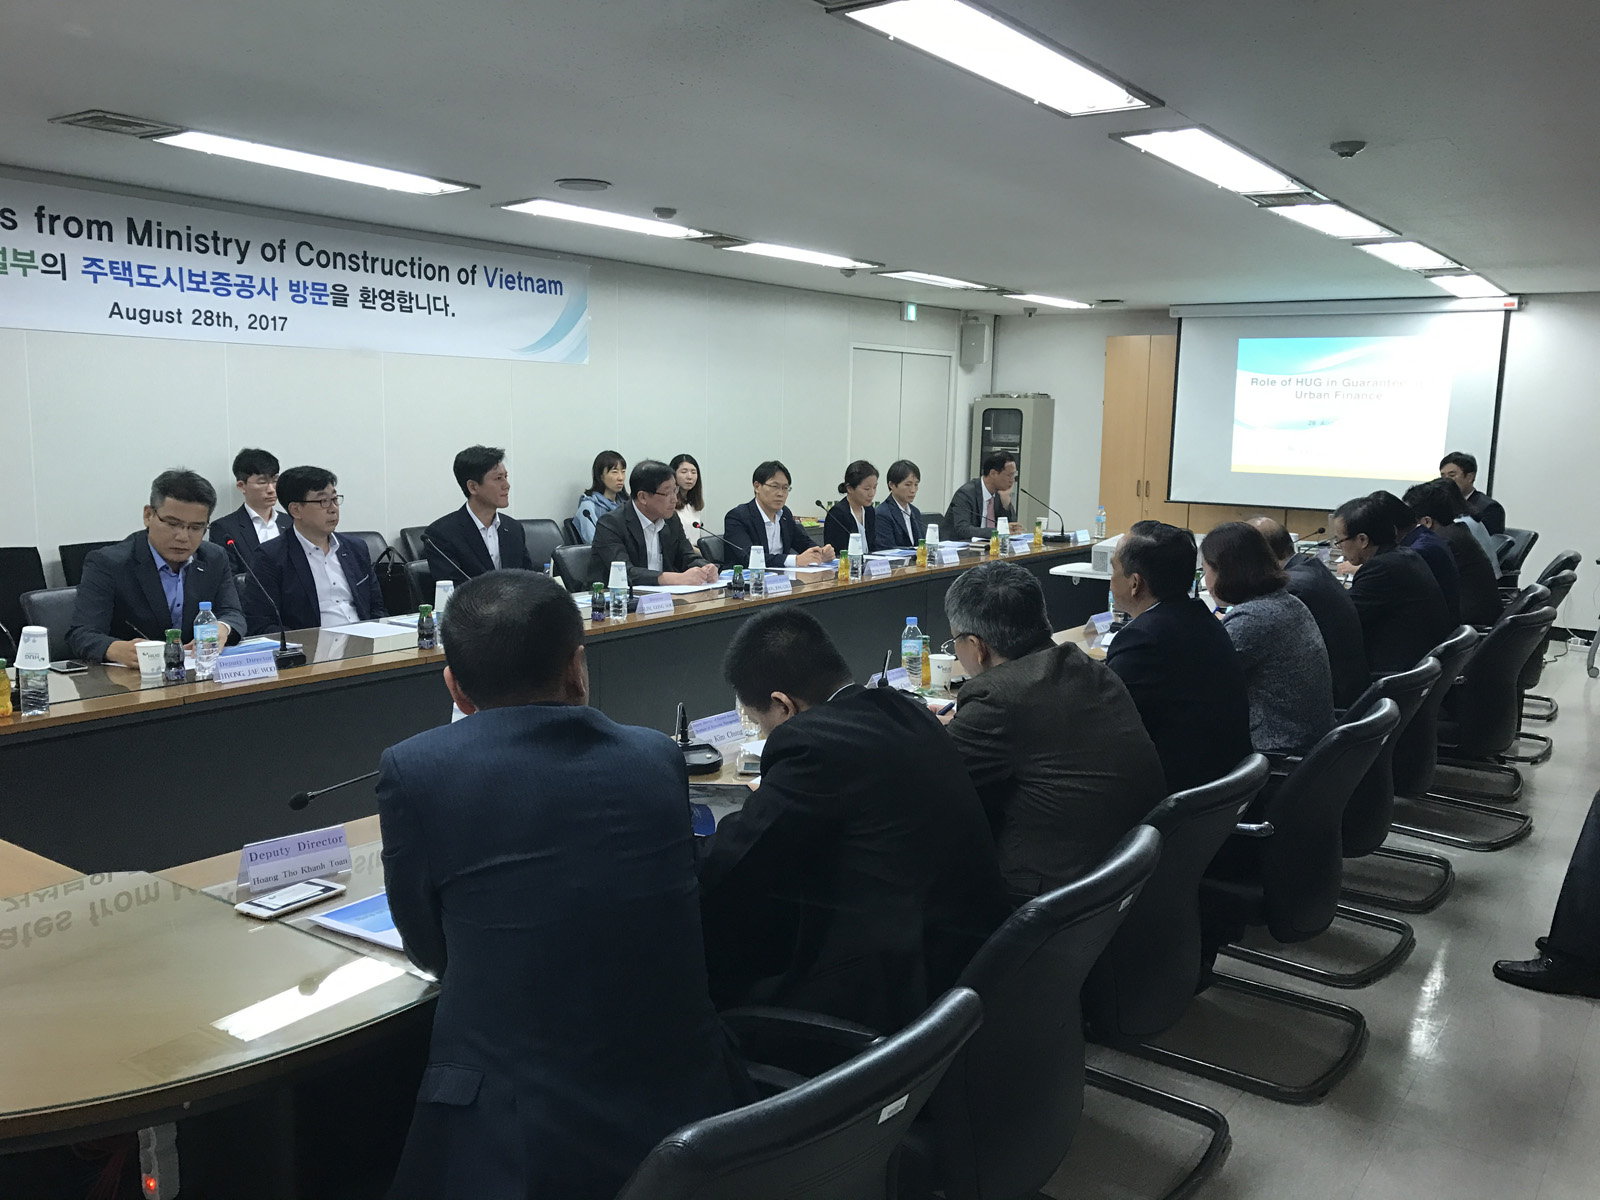 Làm việc với Tổng Công ty bảo lãnh nhà ở và đô thị Hàn quốc, tên gọi tắt là HUG, vào buổi chiều 28/08/2017 tại chi nhánh phía tây Seoul của HUG